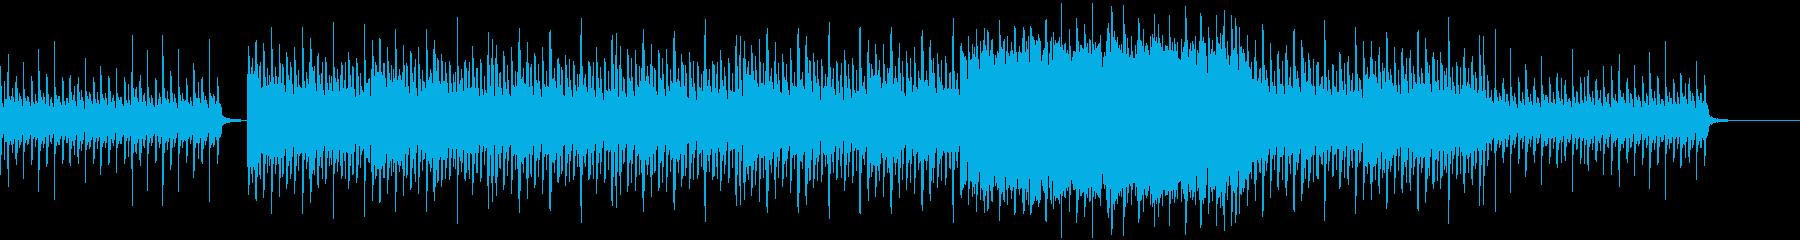 ストリングスがある元気な4つ打ちポップスの再生済みの波形